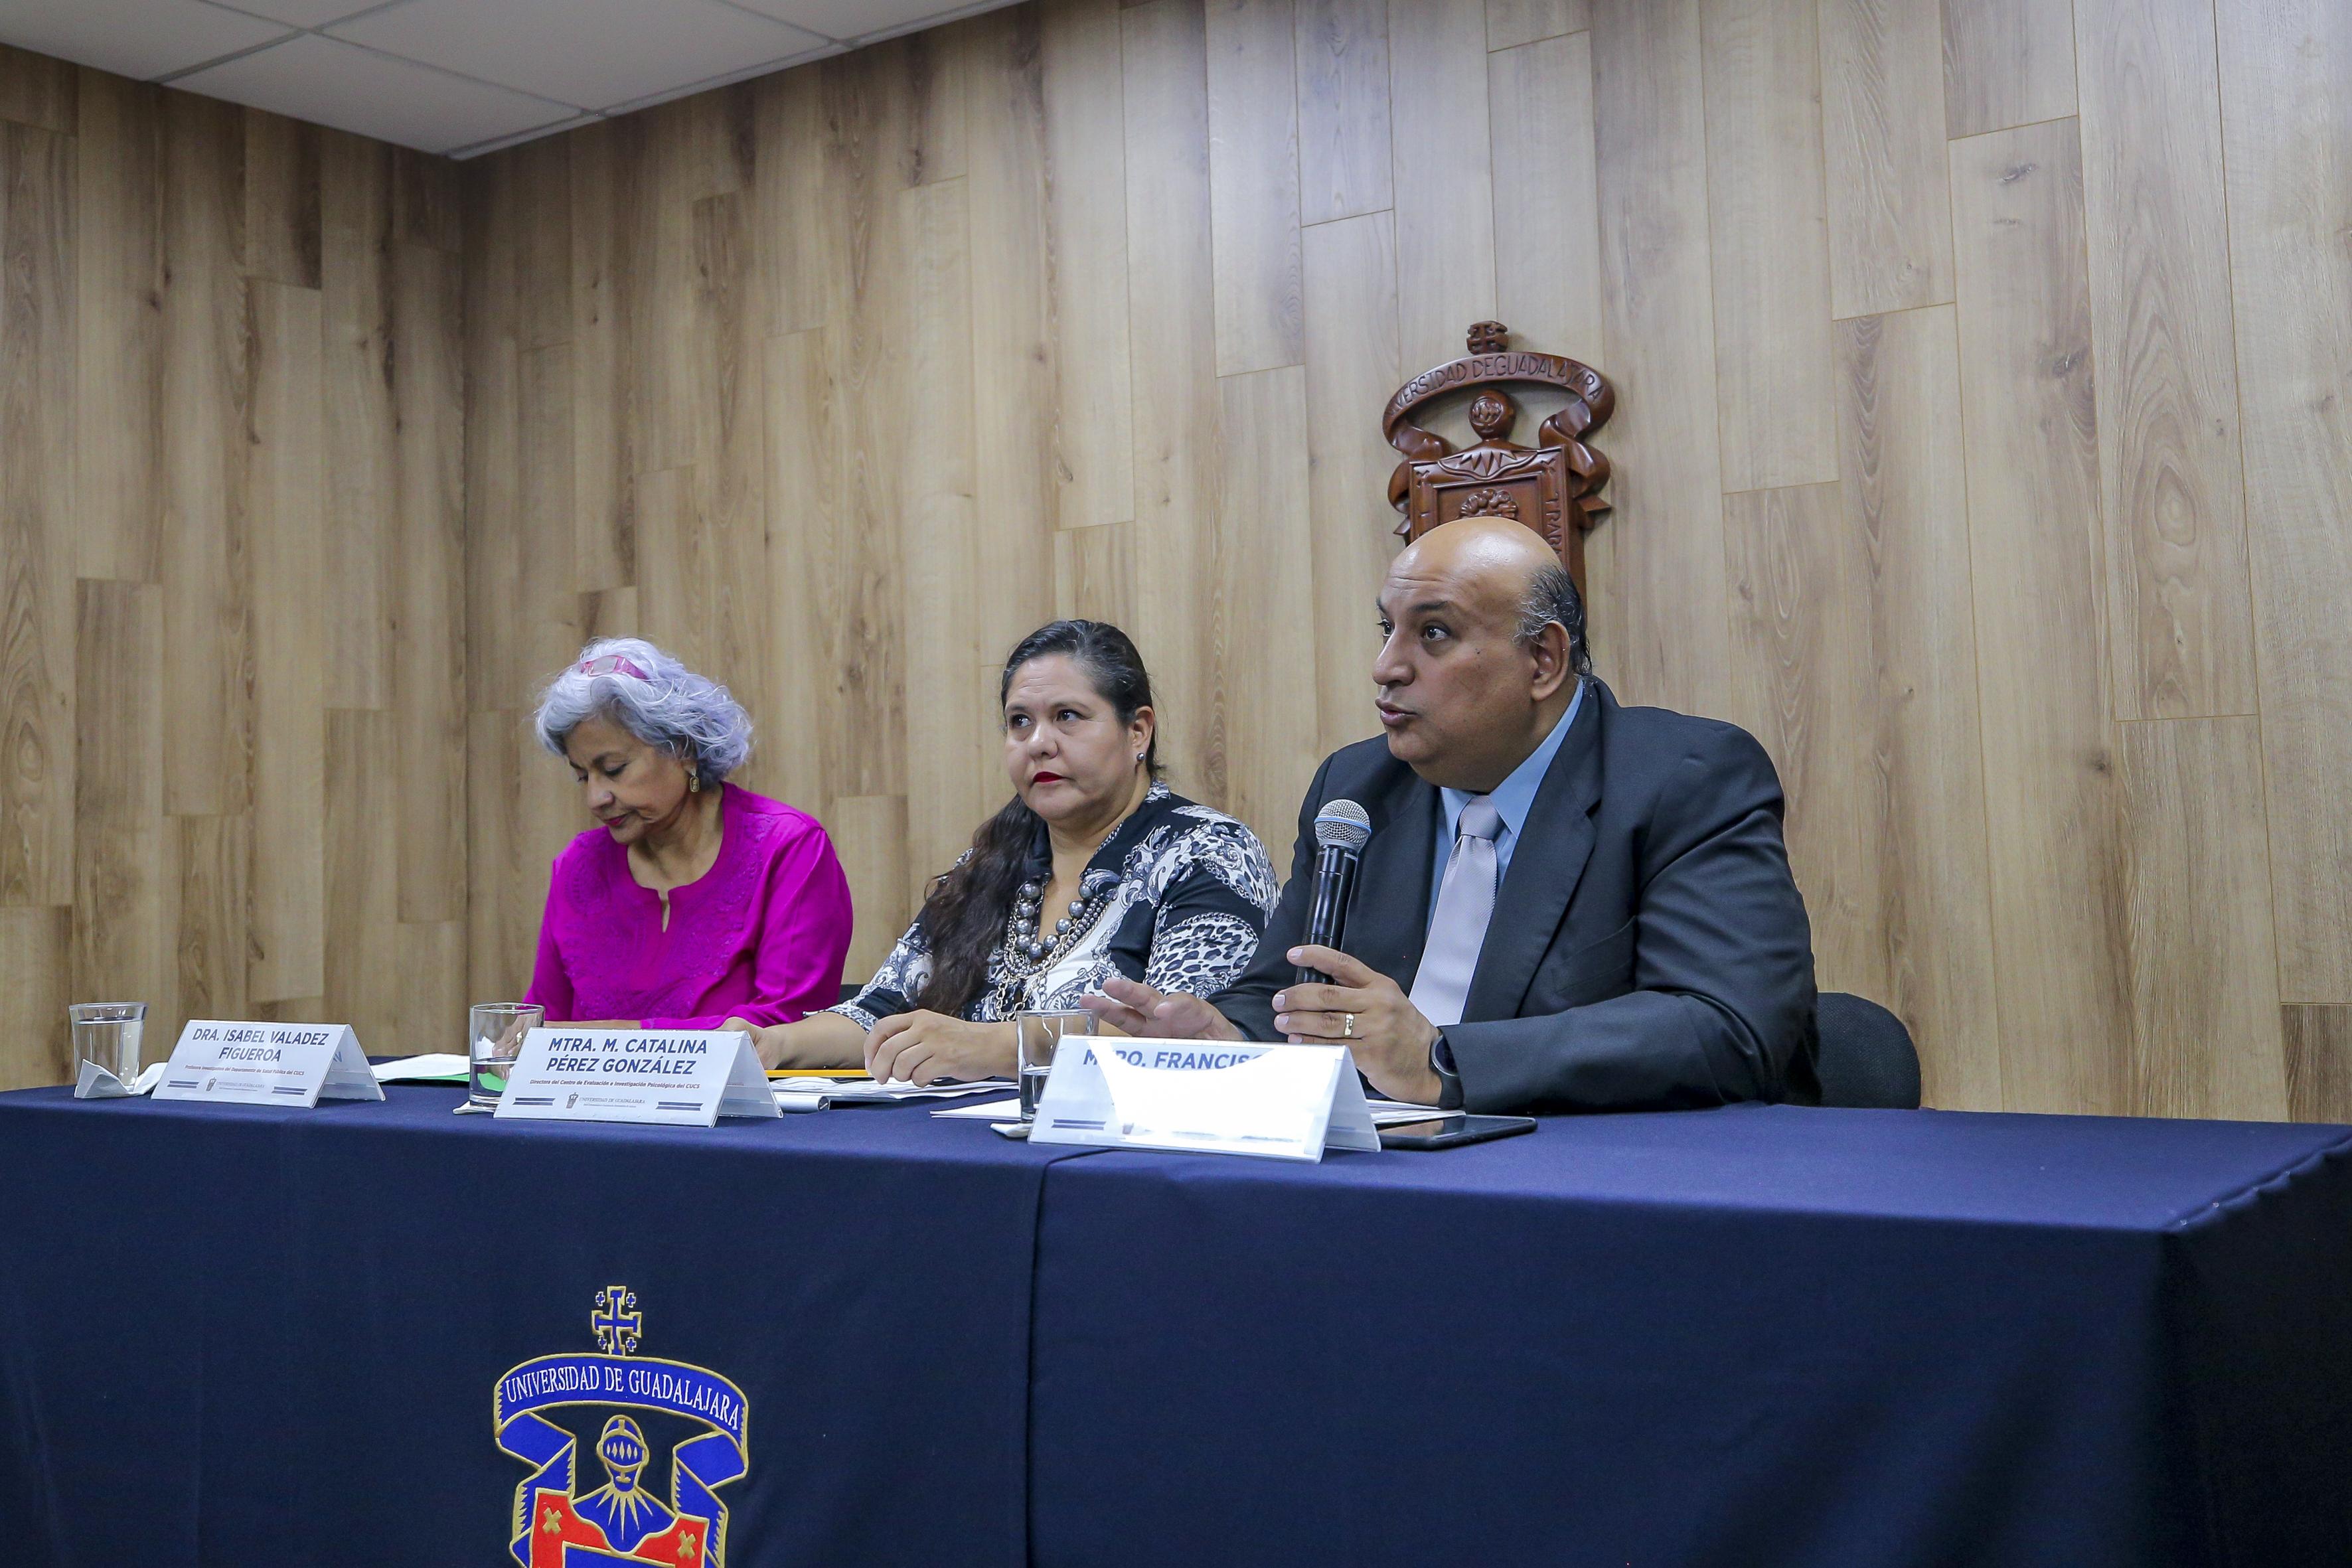 Miembros del presídium, al micrófono Mtro. Francisco Gutiérrez